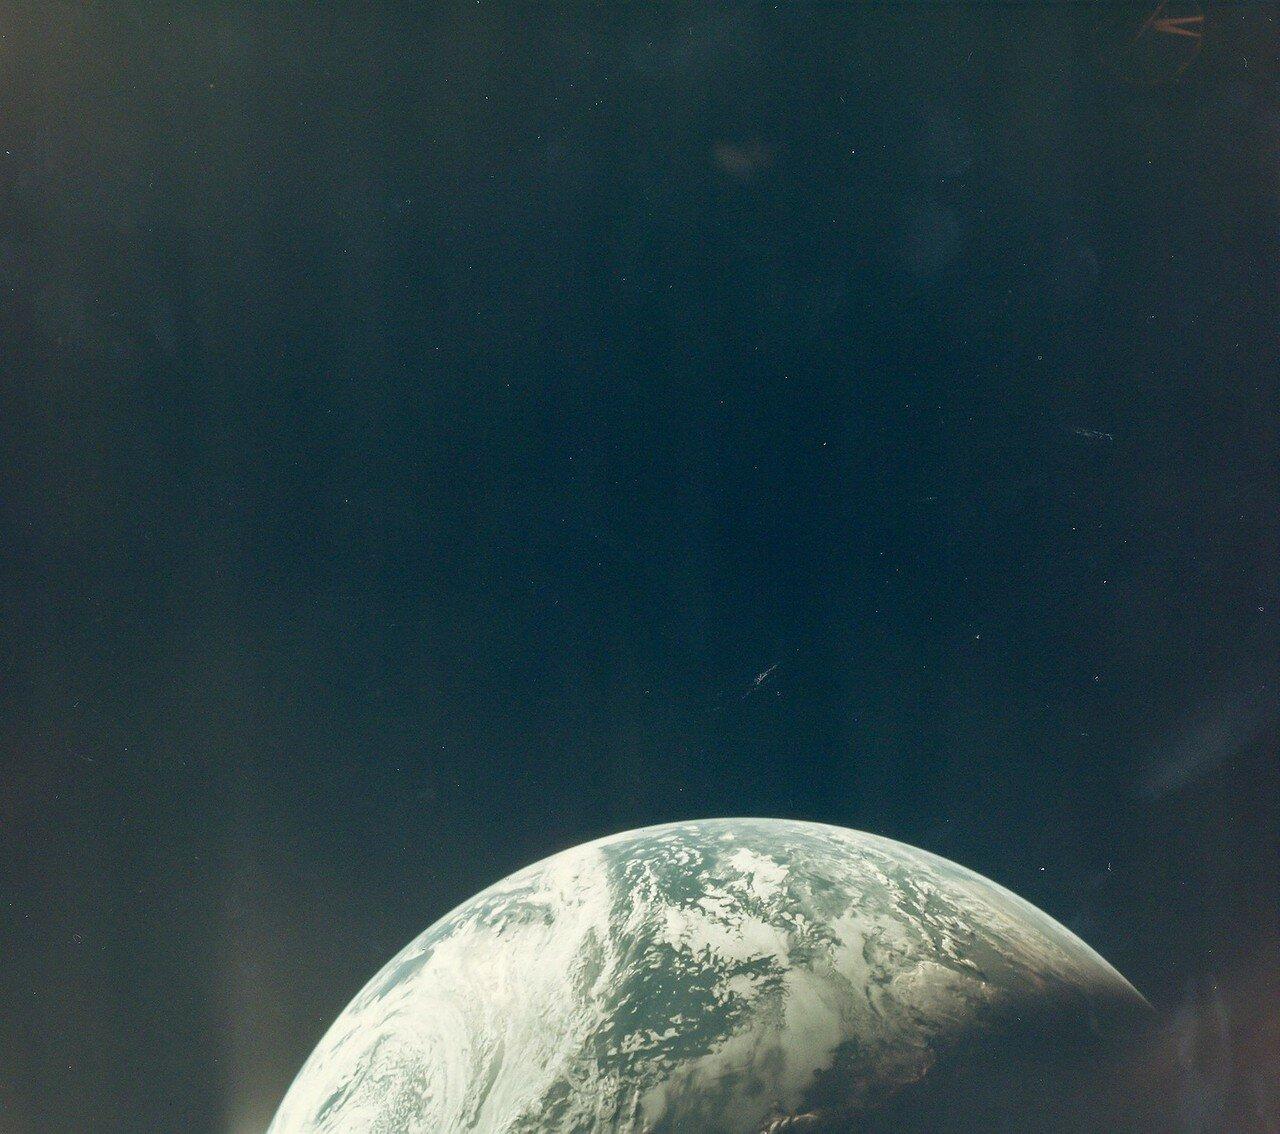 1967, 9 ноября. На снимке - Вид Земли из окна беспилотного космического корабля «Аполлон-4»